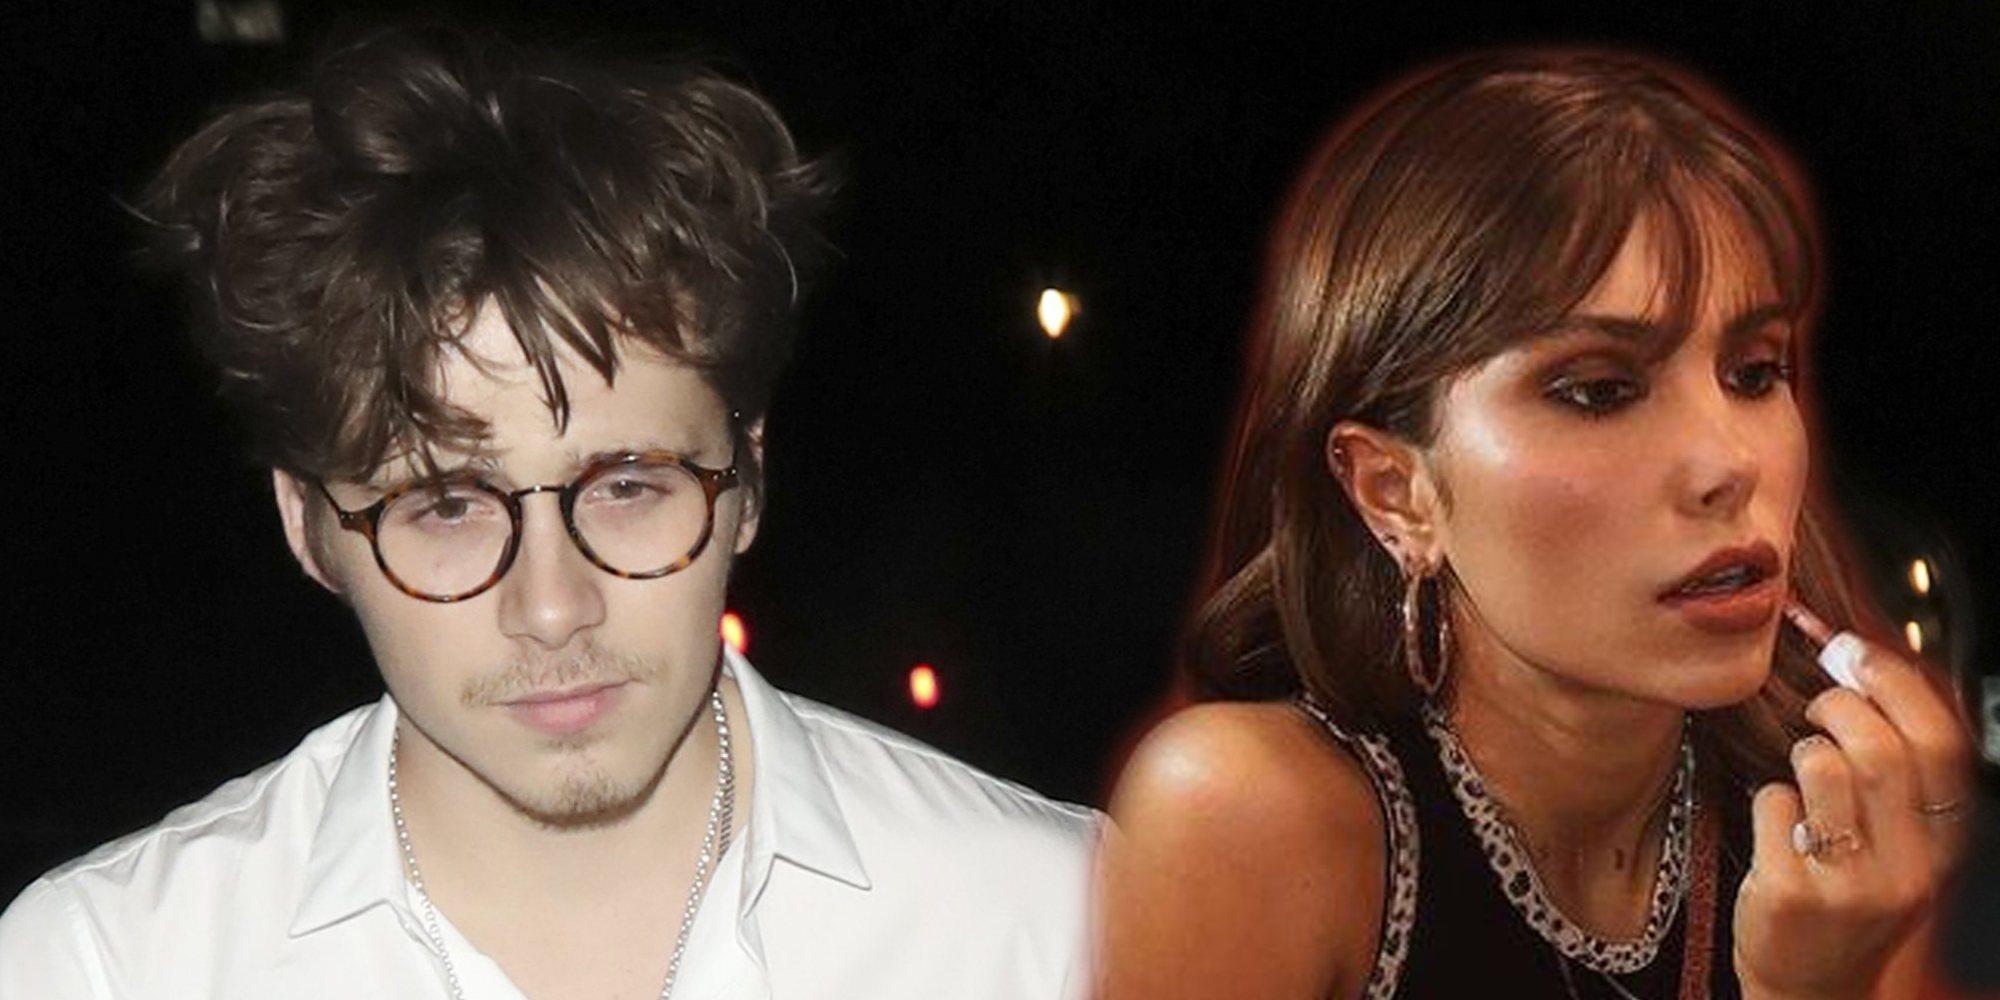 La nueva novia de Brooklyn Beckham es un clon de su madre Victoria Beckham